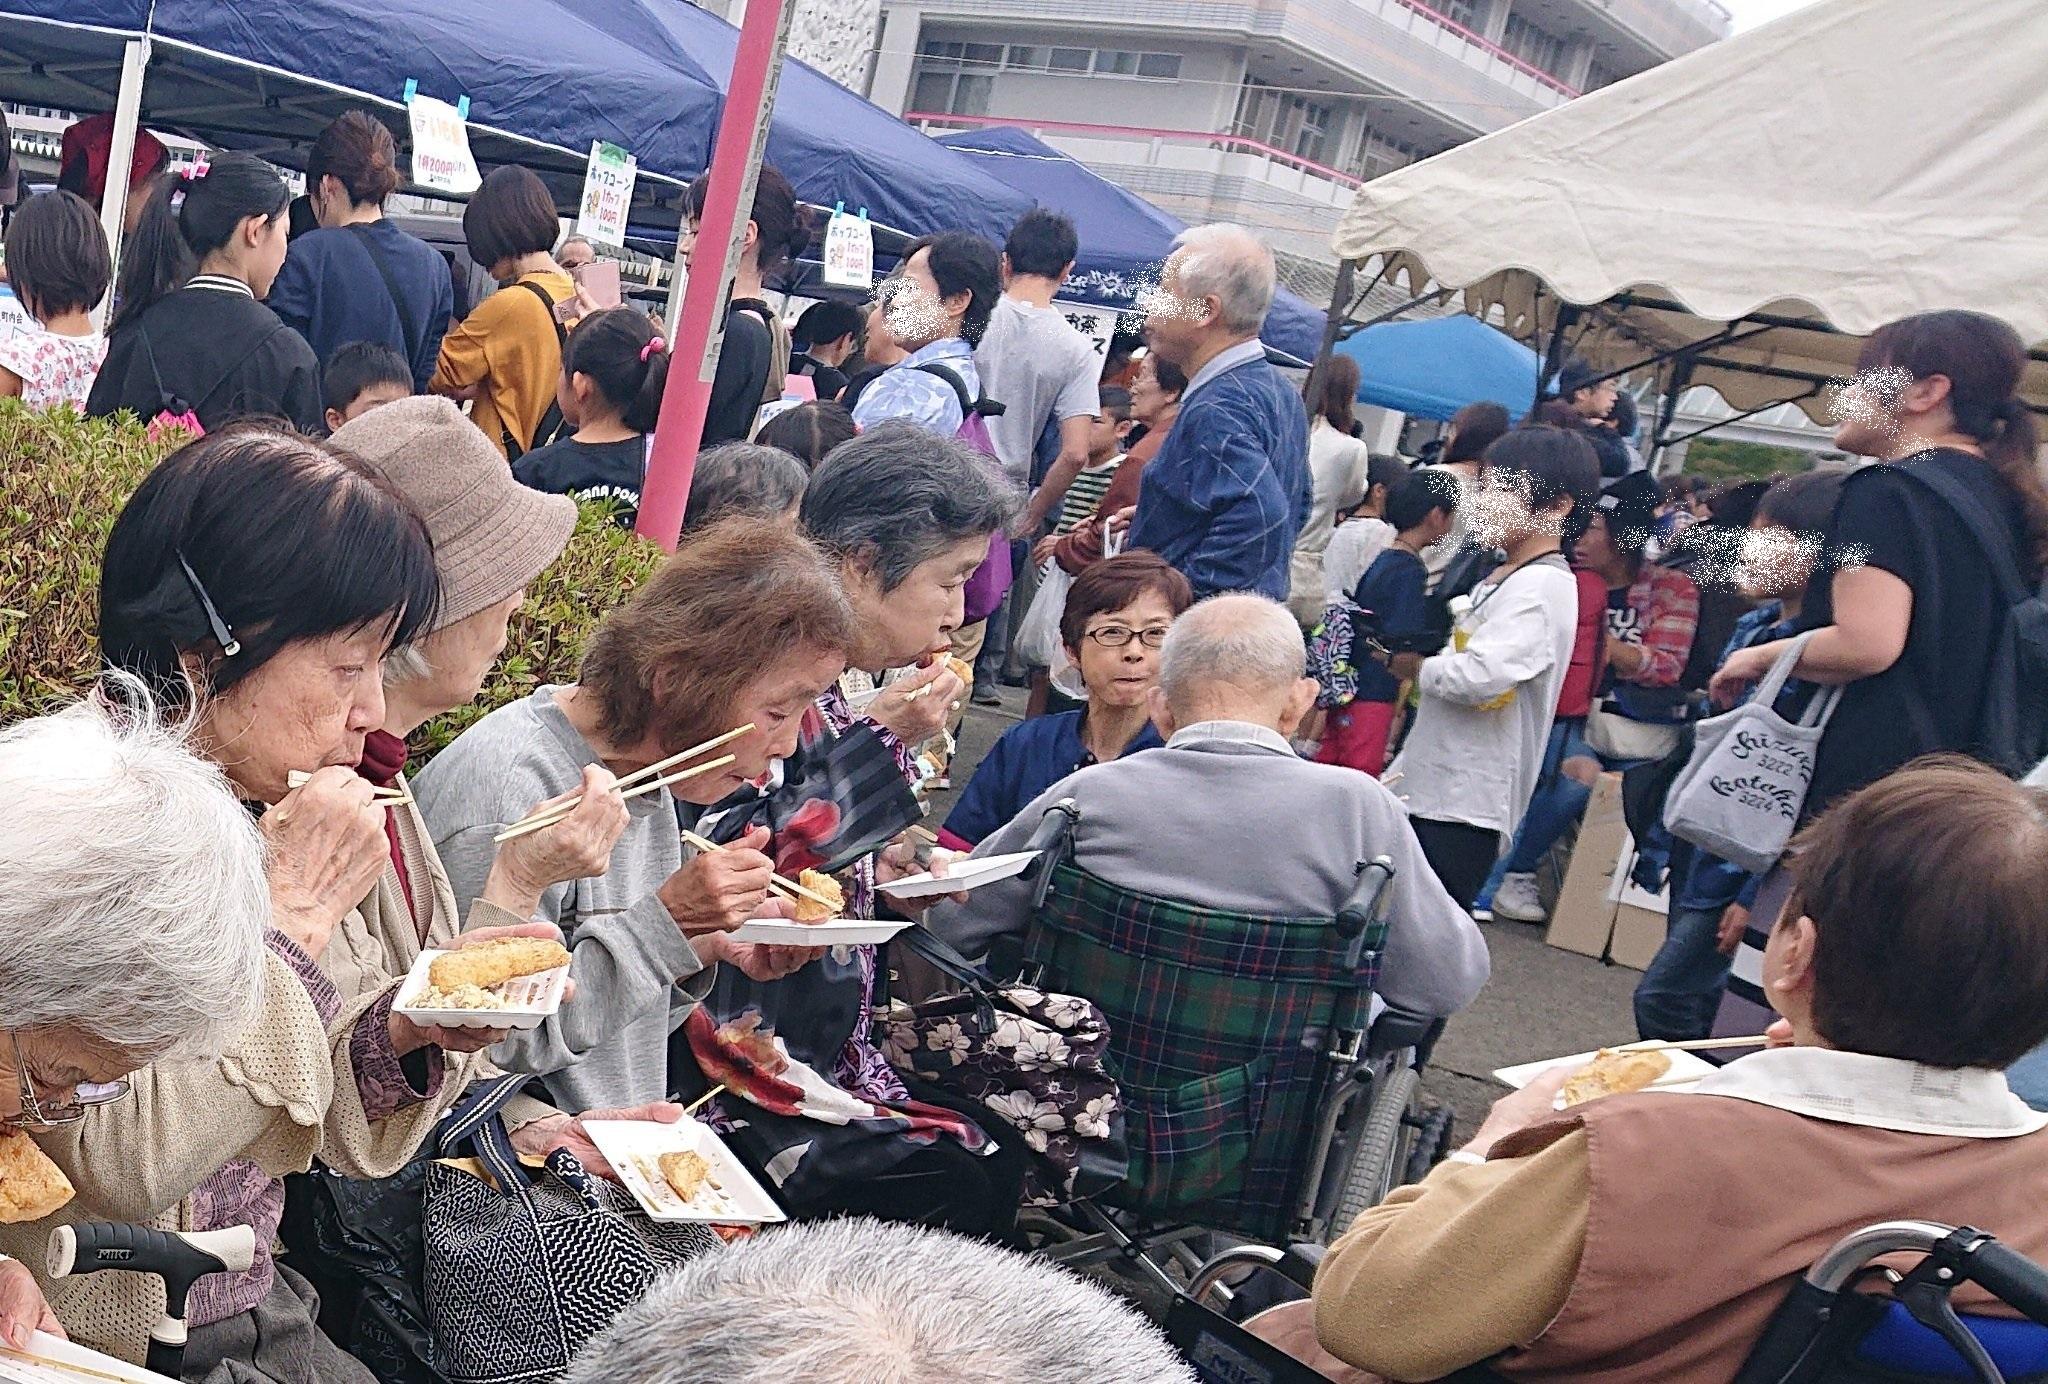 10(落合市民センター 開催の落合栗生地区祭り。大盛況で人の波に飲まれそうになりながら食べたい物はしっかり召し上がる高齢者さまたち。別に昼食もきっちり平らげます。これは日本が長寿社会になる訳だ、と納得してみたり。)